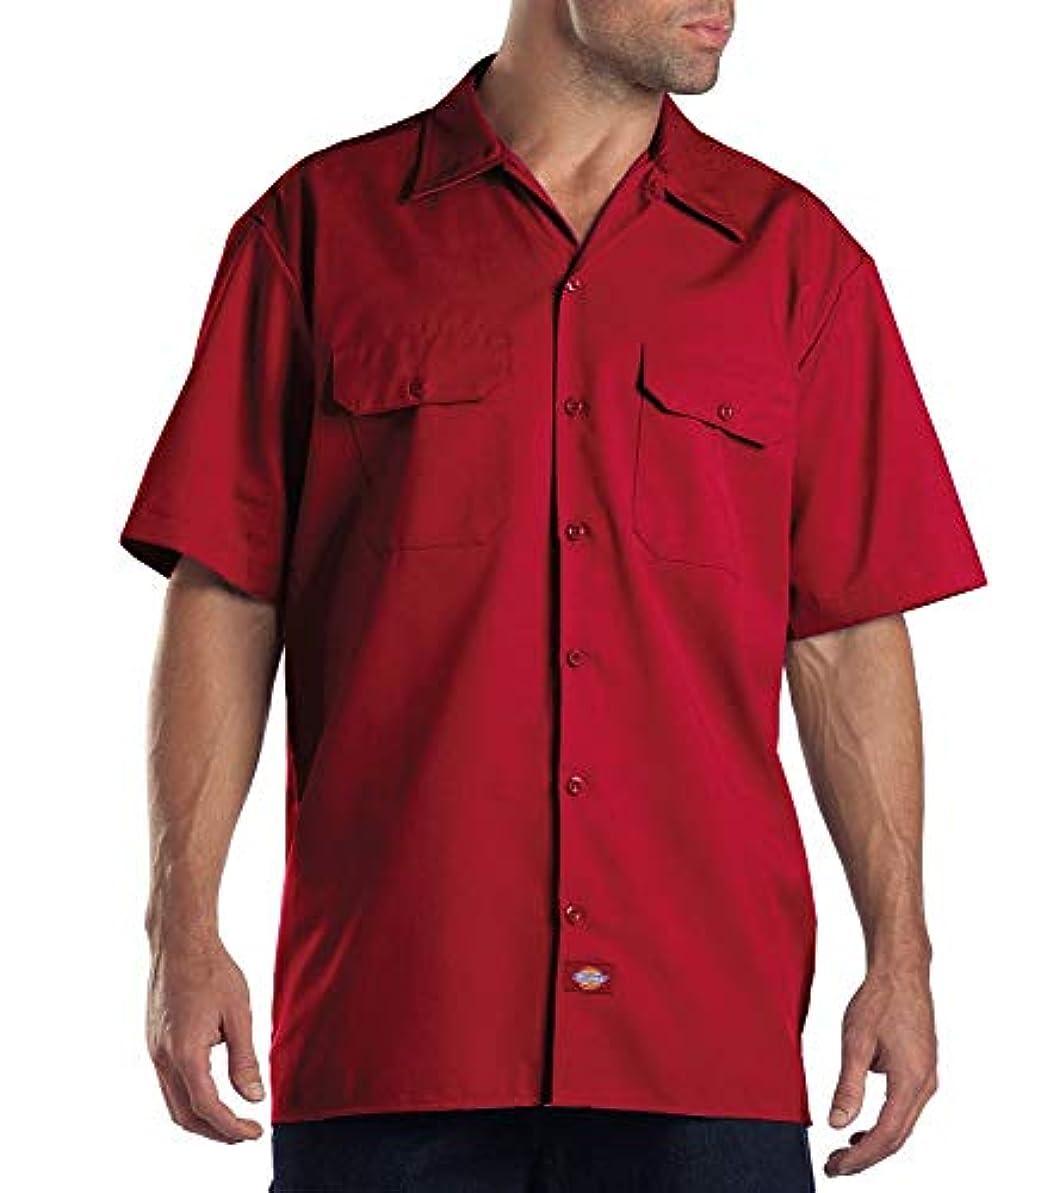 肘掛け椅子タバコ名目上の(ディッキーズ)Dickies ワークシャツ 半袖 1574 【並行輸入品】